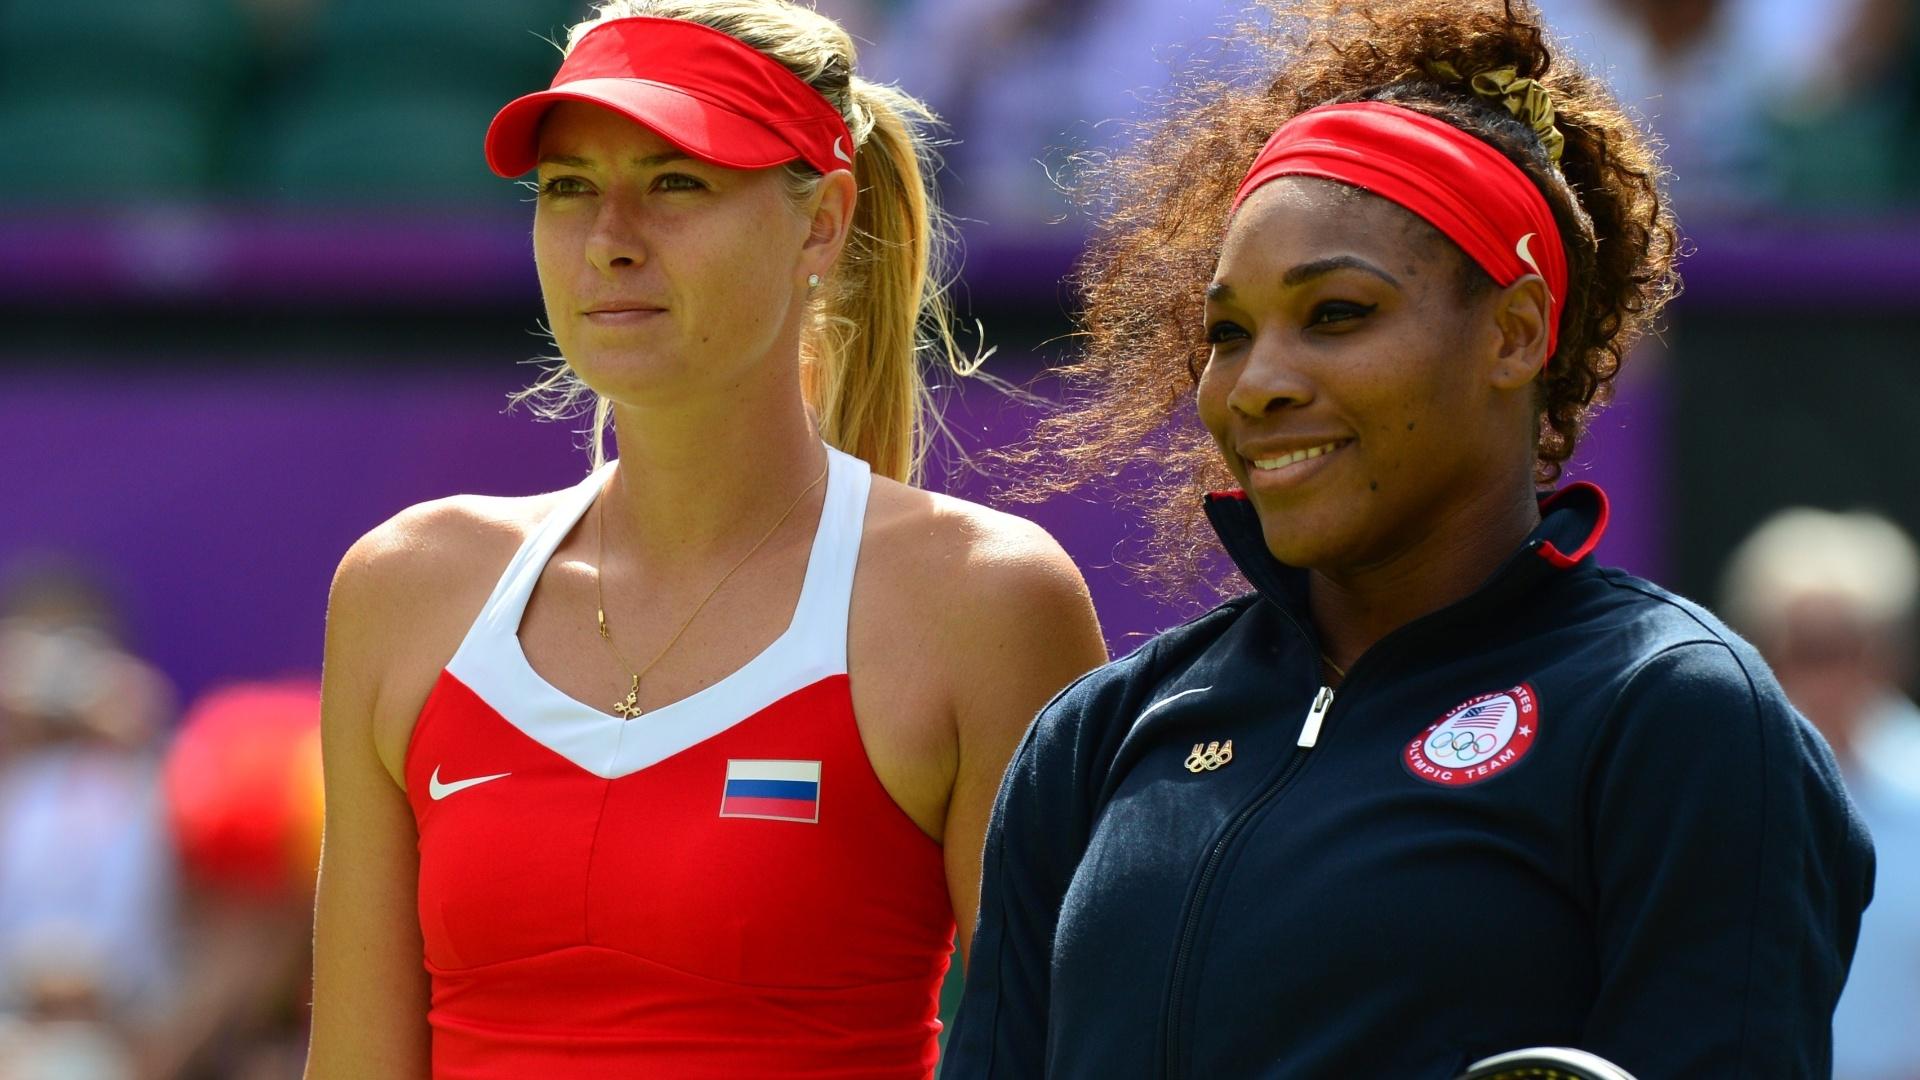 Maria Sharapova (e) e Serena Williams posam juntas antes da final feminina de tênis em Londres (04/08/2012)